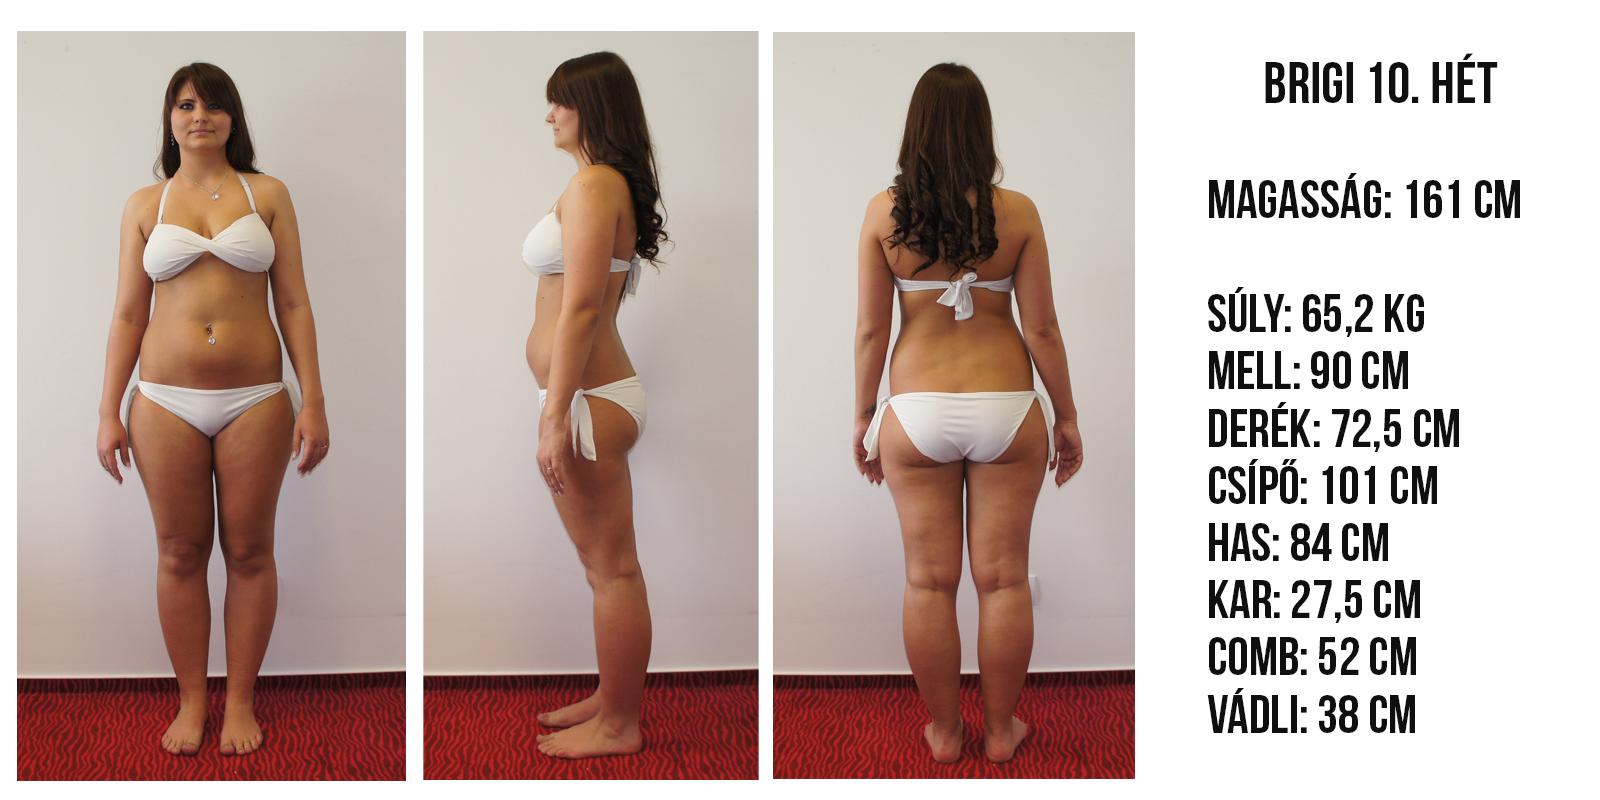 Példakép lett a kaposvári anyuka: 35 kg-ot fogyott fél év alatt!